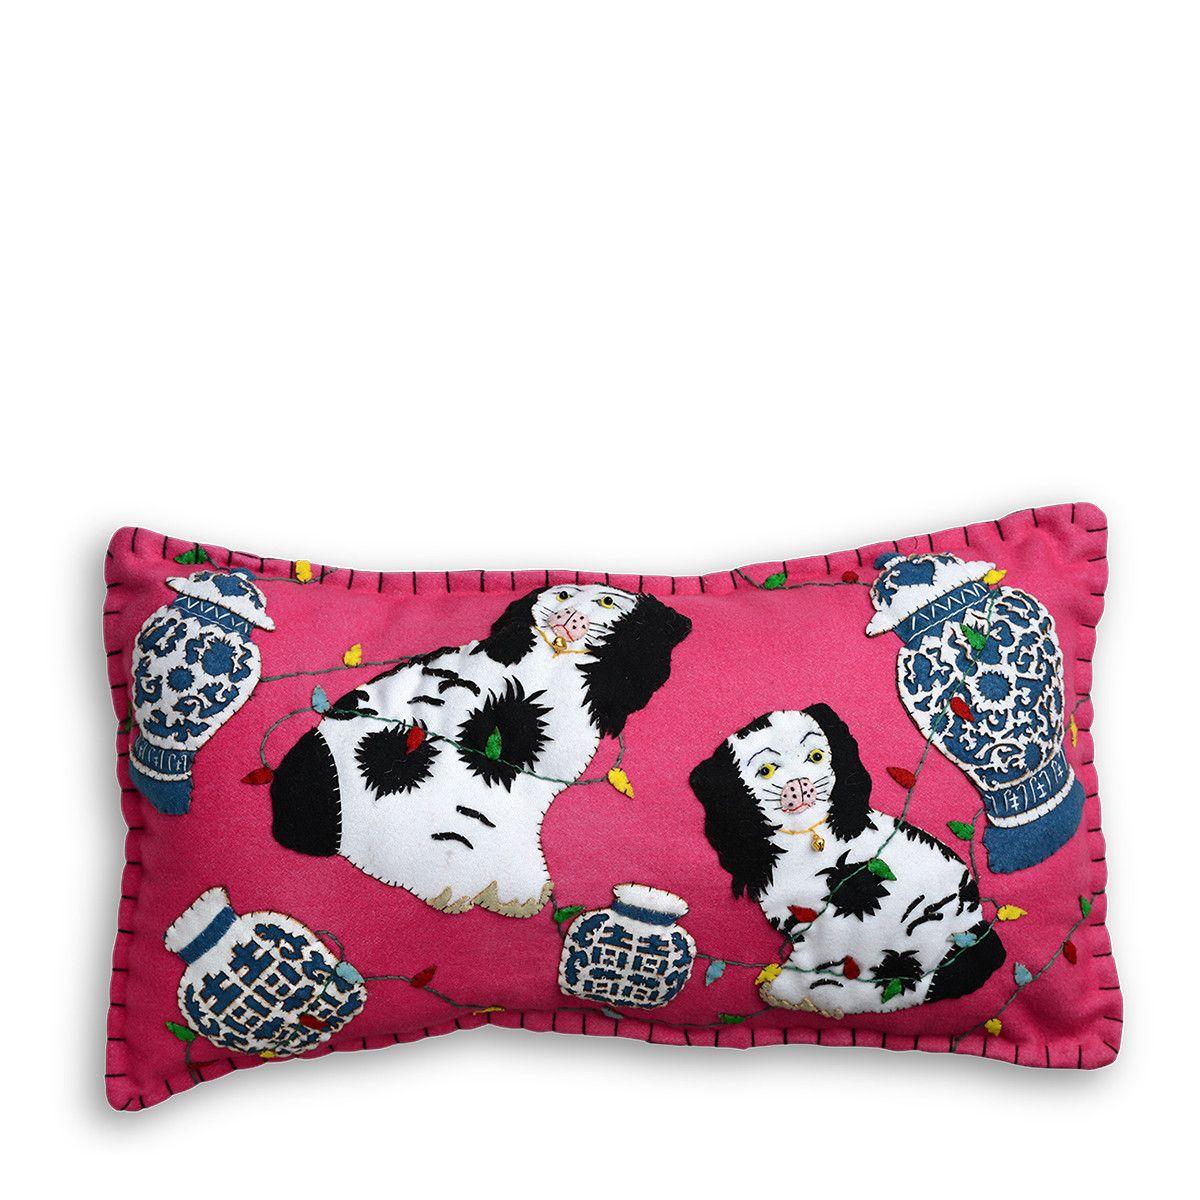 Southern Charm Christmas Pillow Furbish Studio